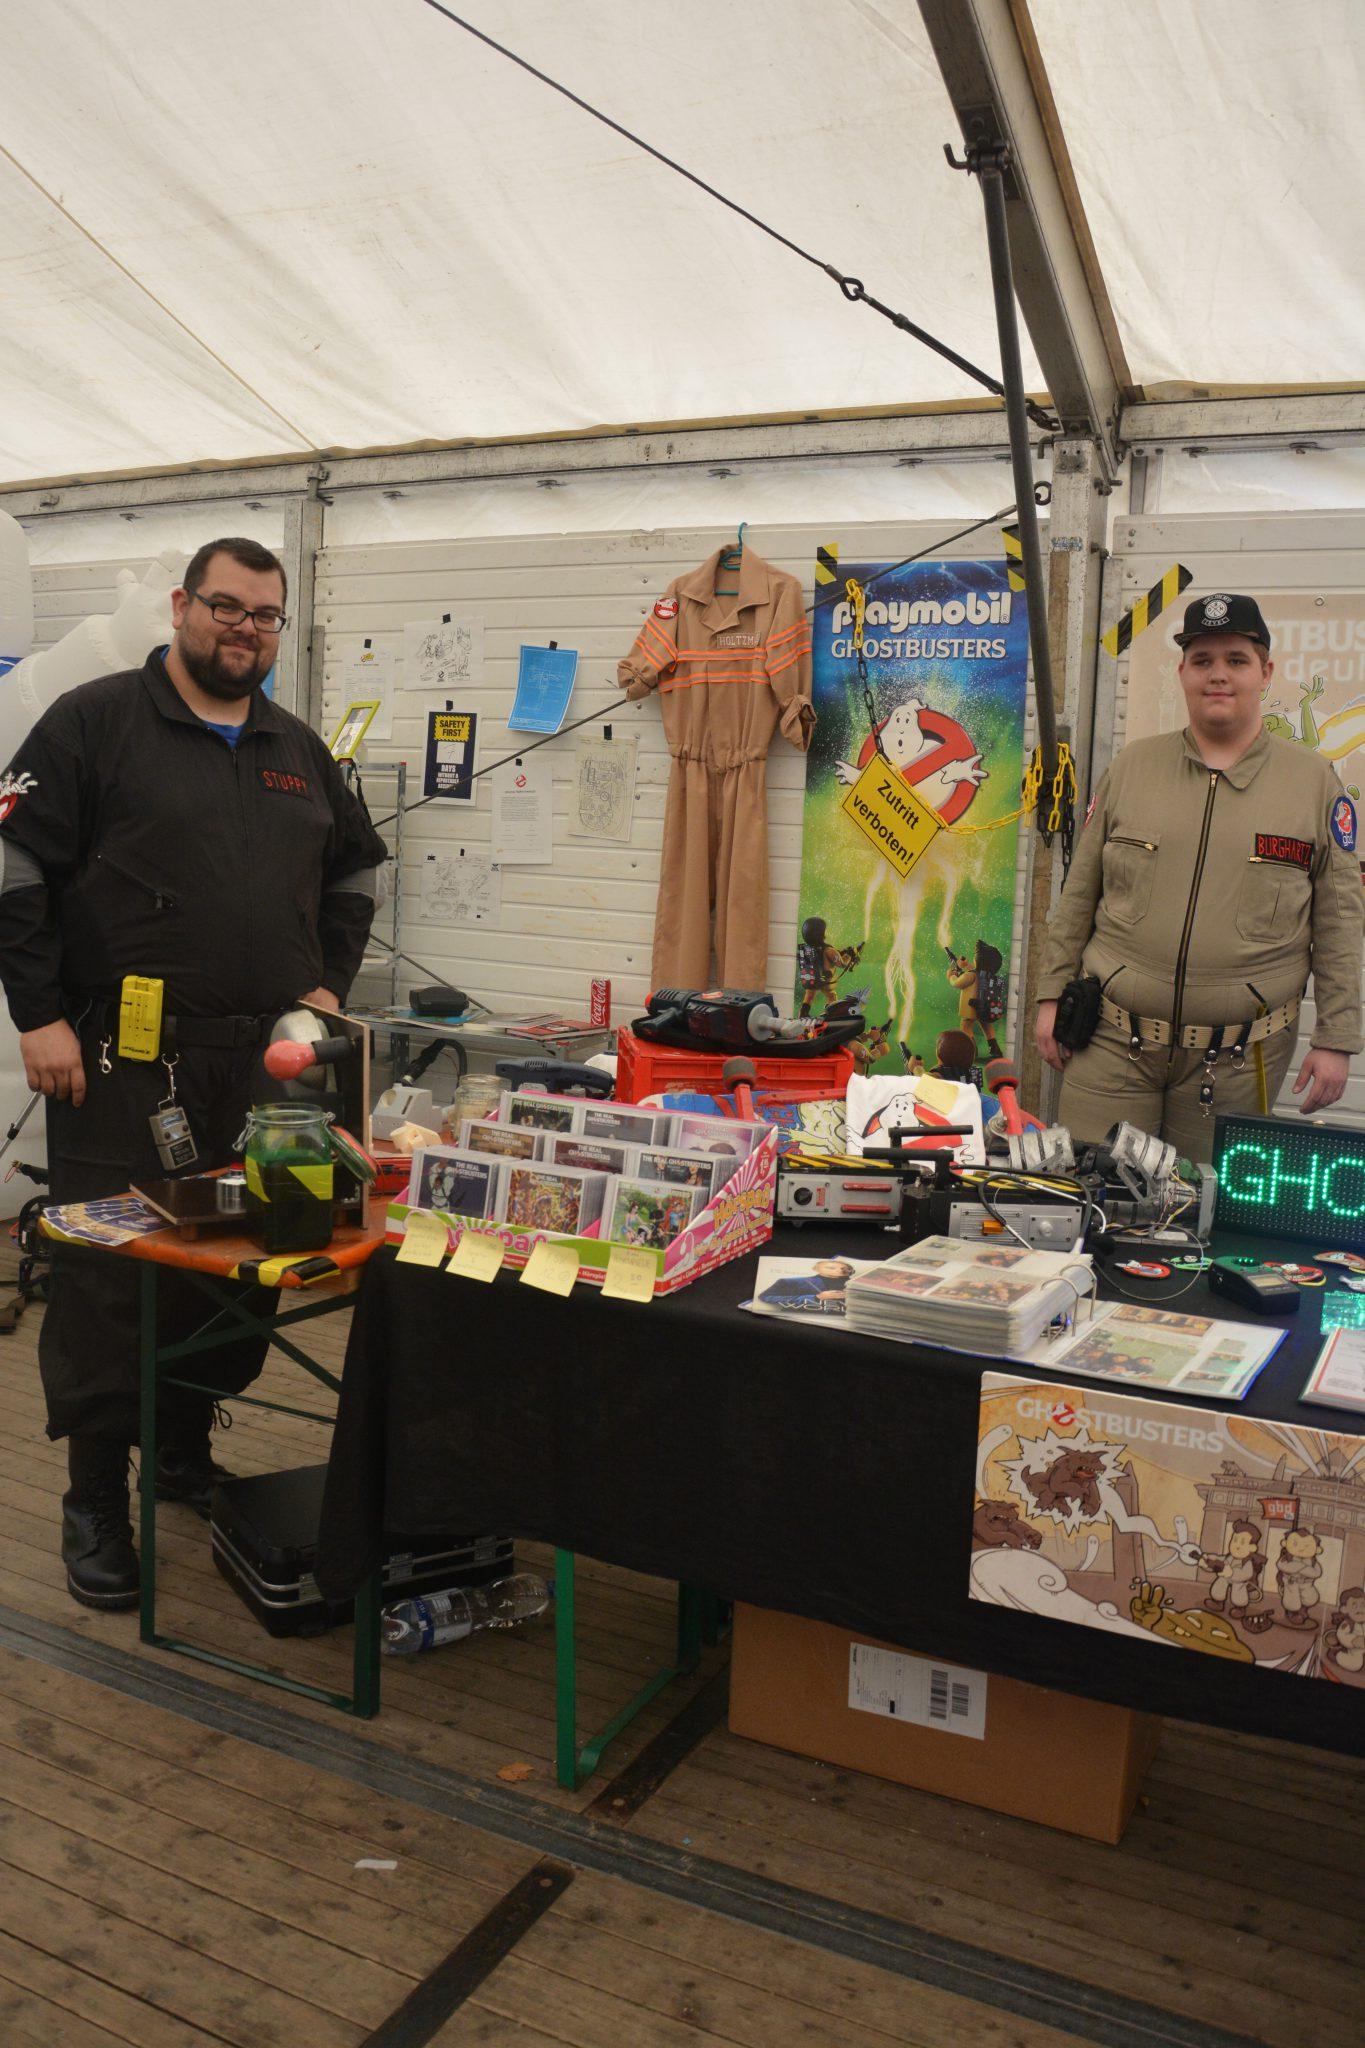 Ghostbusters Deutschland (GBD)